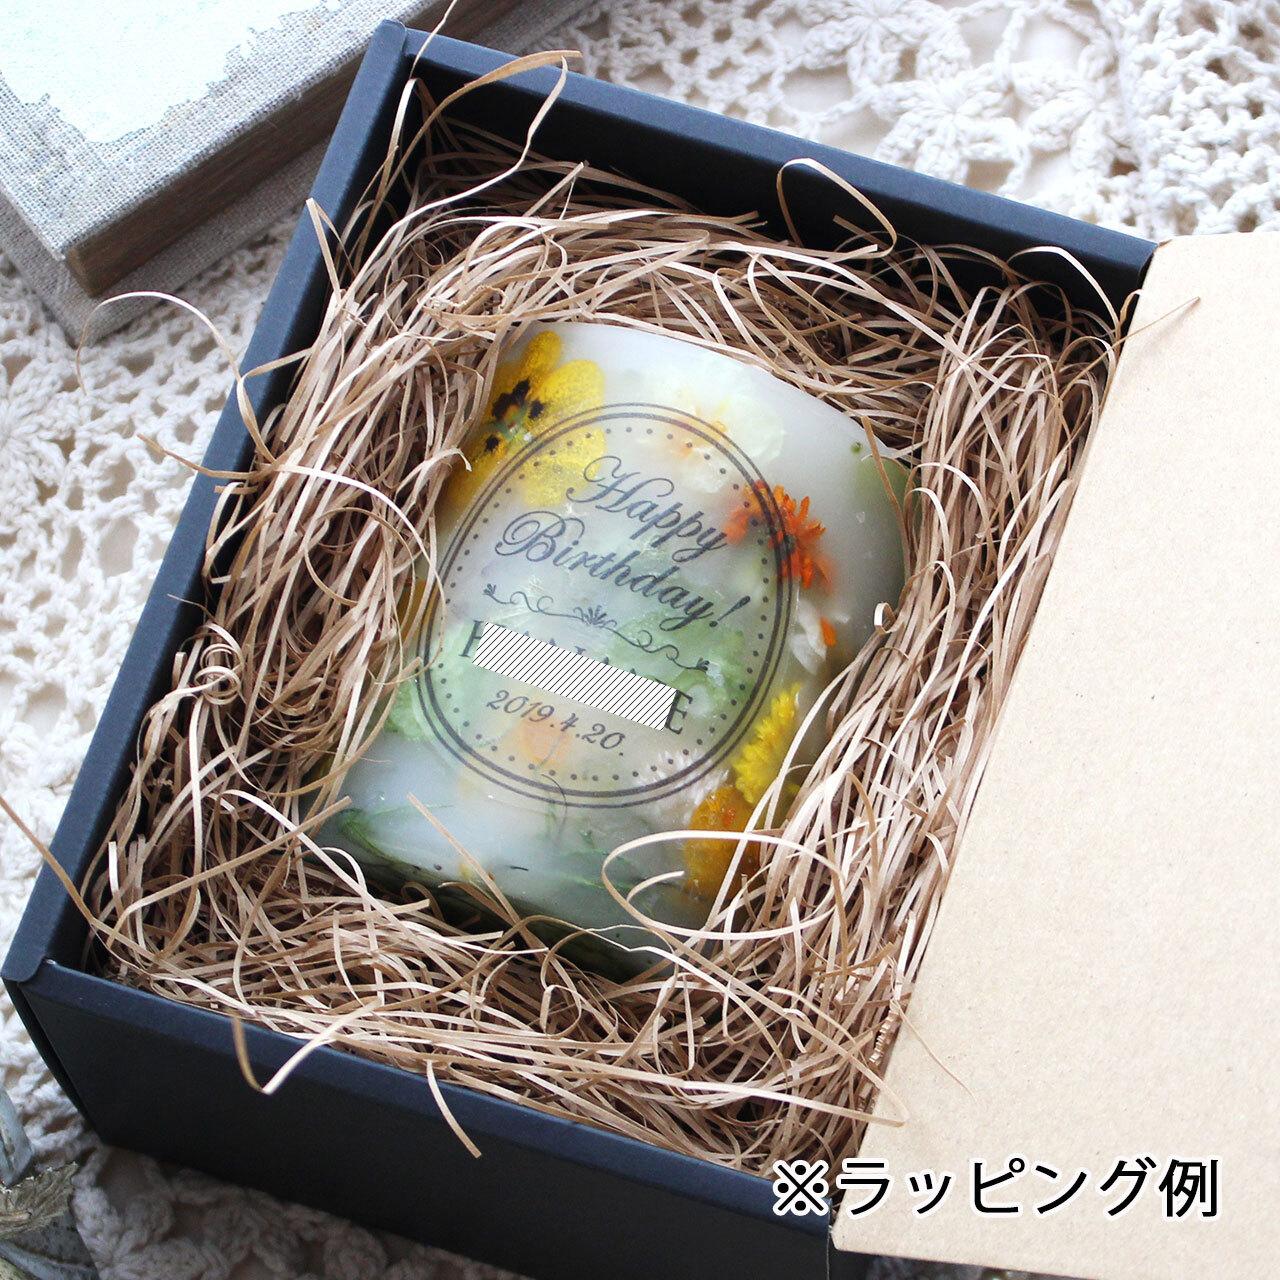 NC280 ギフトラッピング付き☆メッセージ&日付&名入れボタニカルキャンドル ローズ